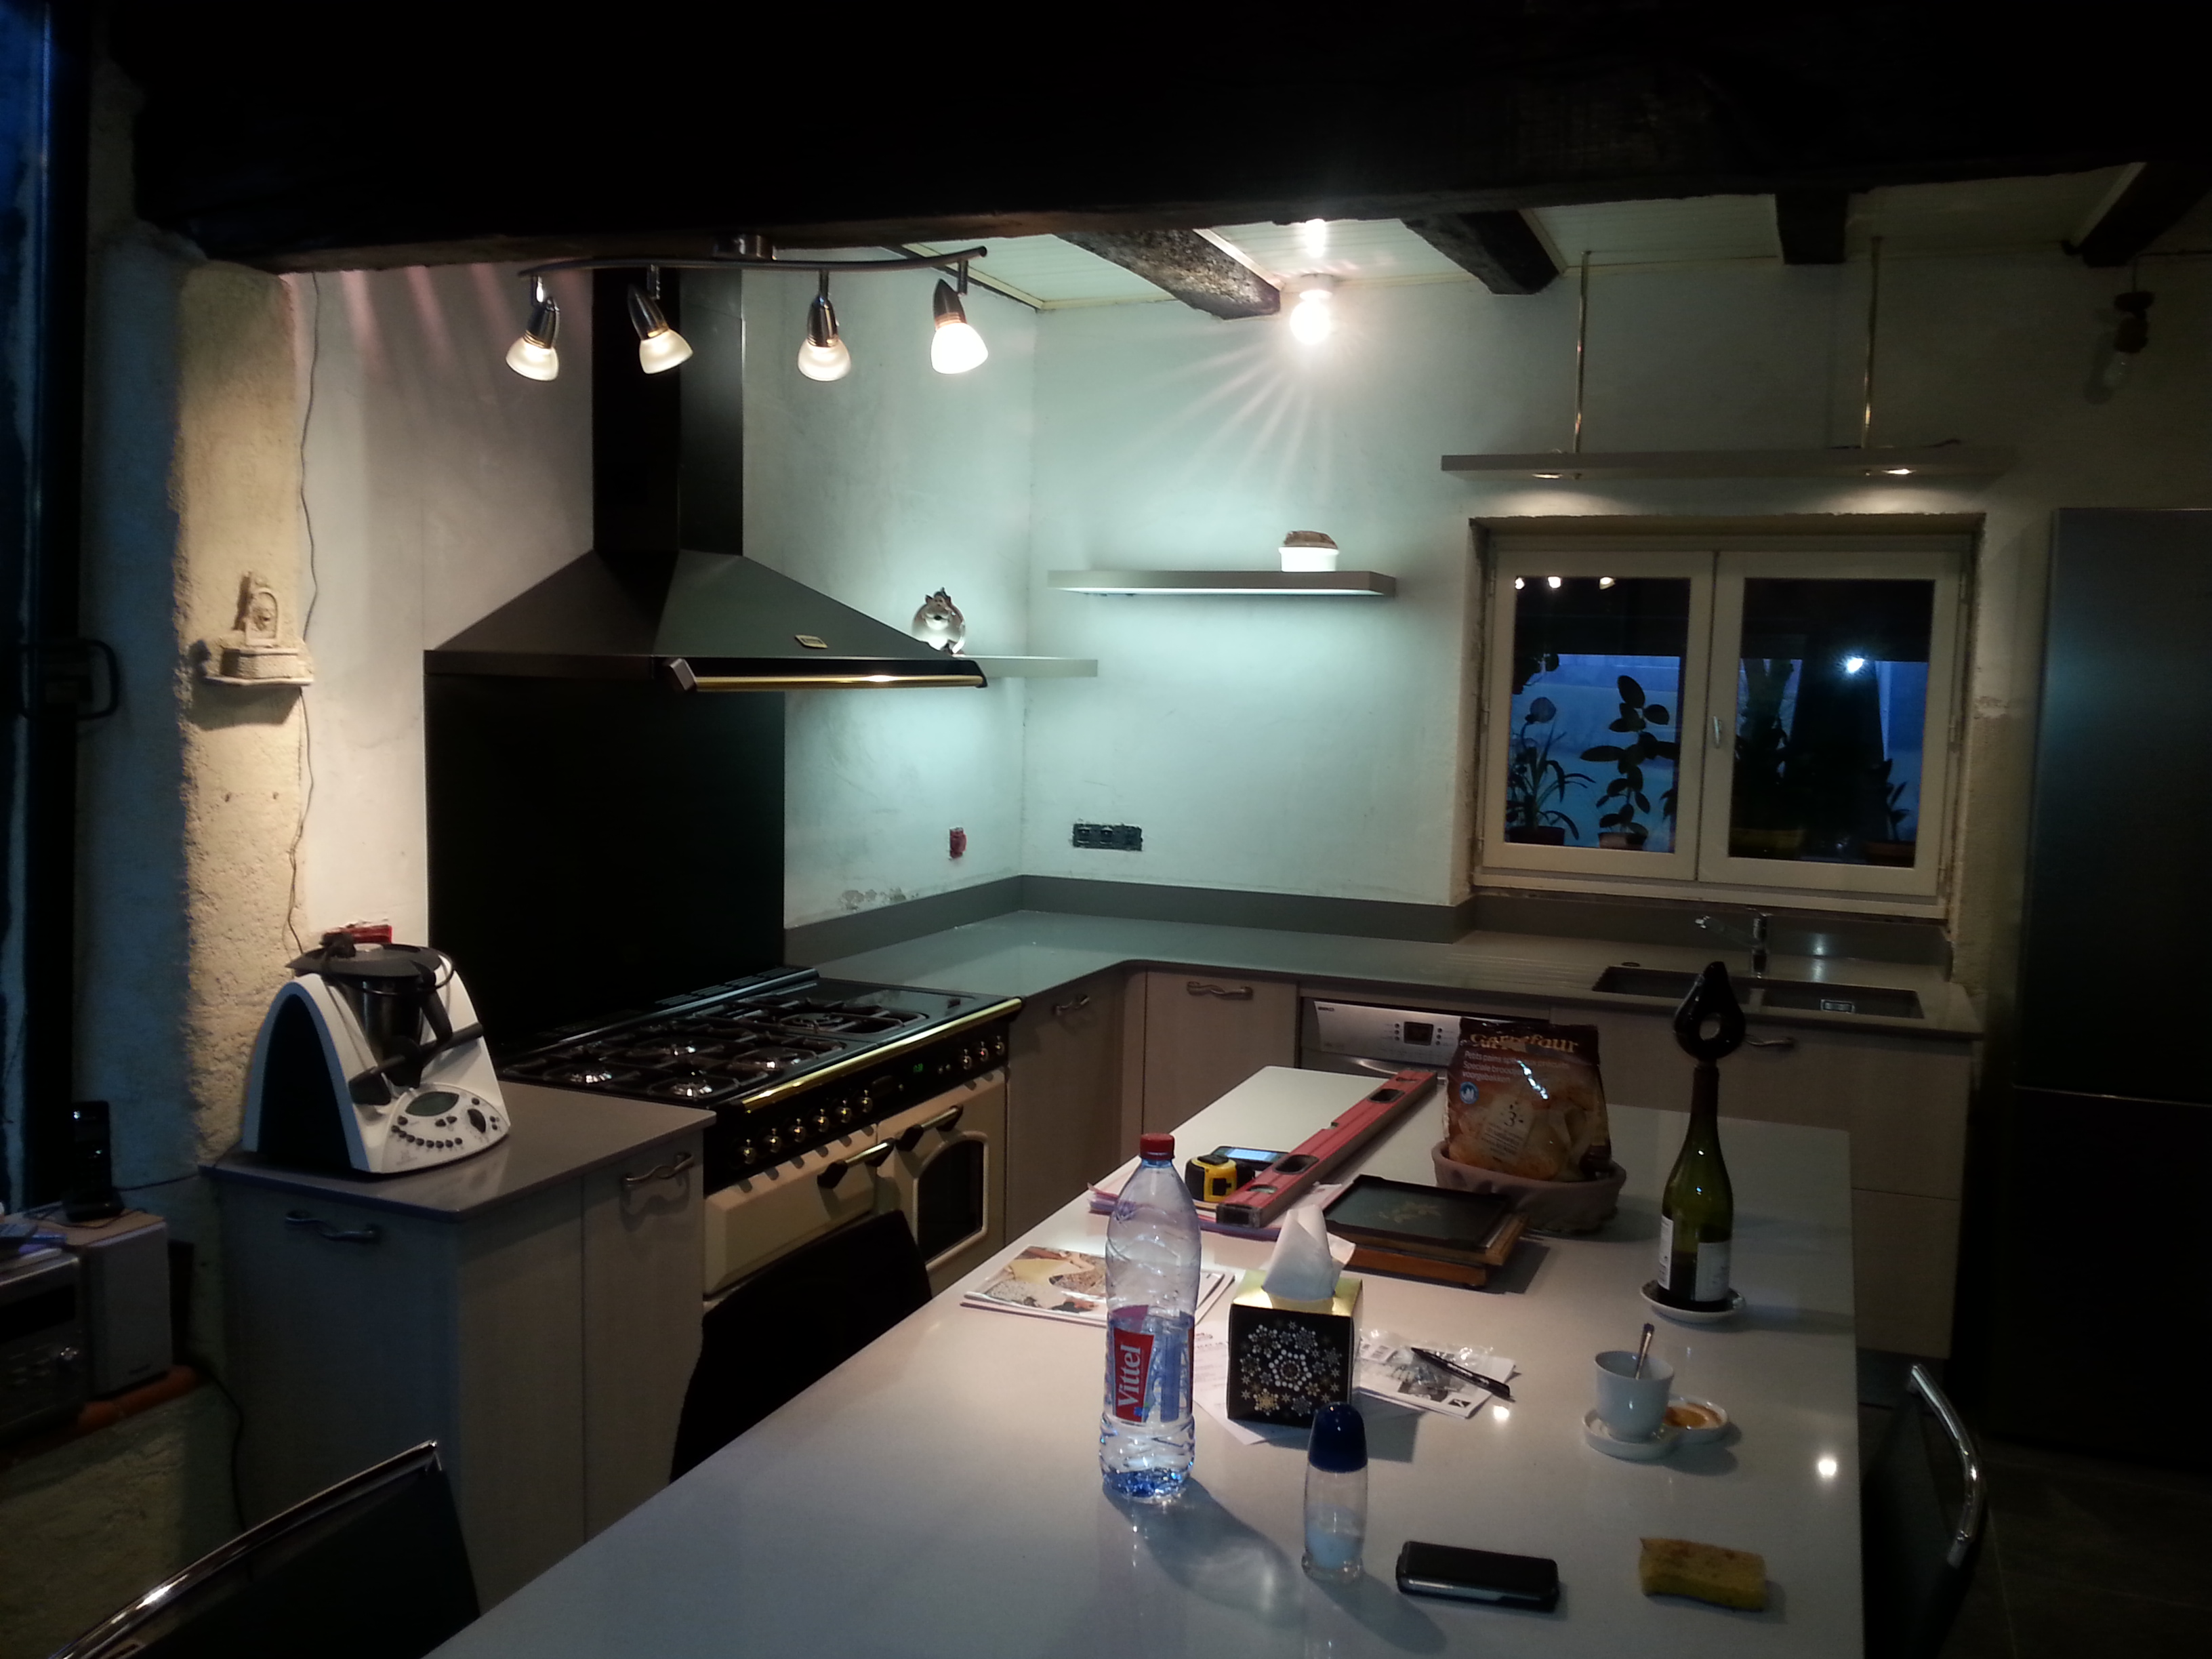 expert cuisines toulouse blagnac cuisiniste cuisine design zecchinon. Black Bedroom Furniture Sets. Home Design Ideas